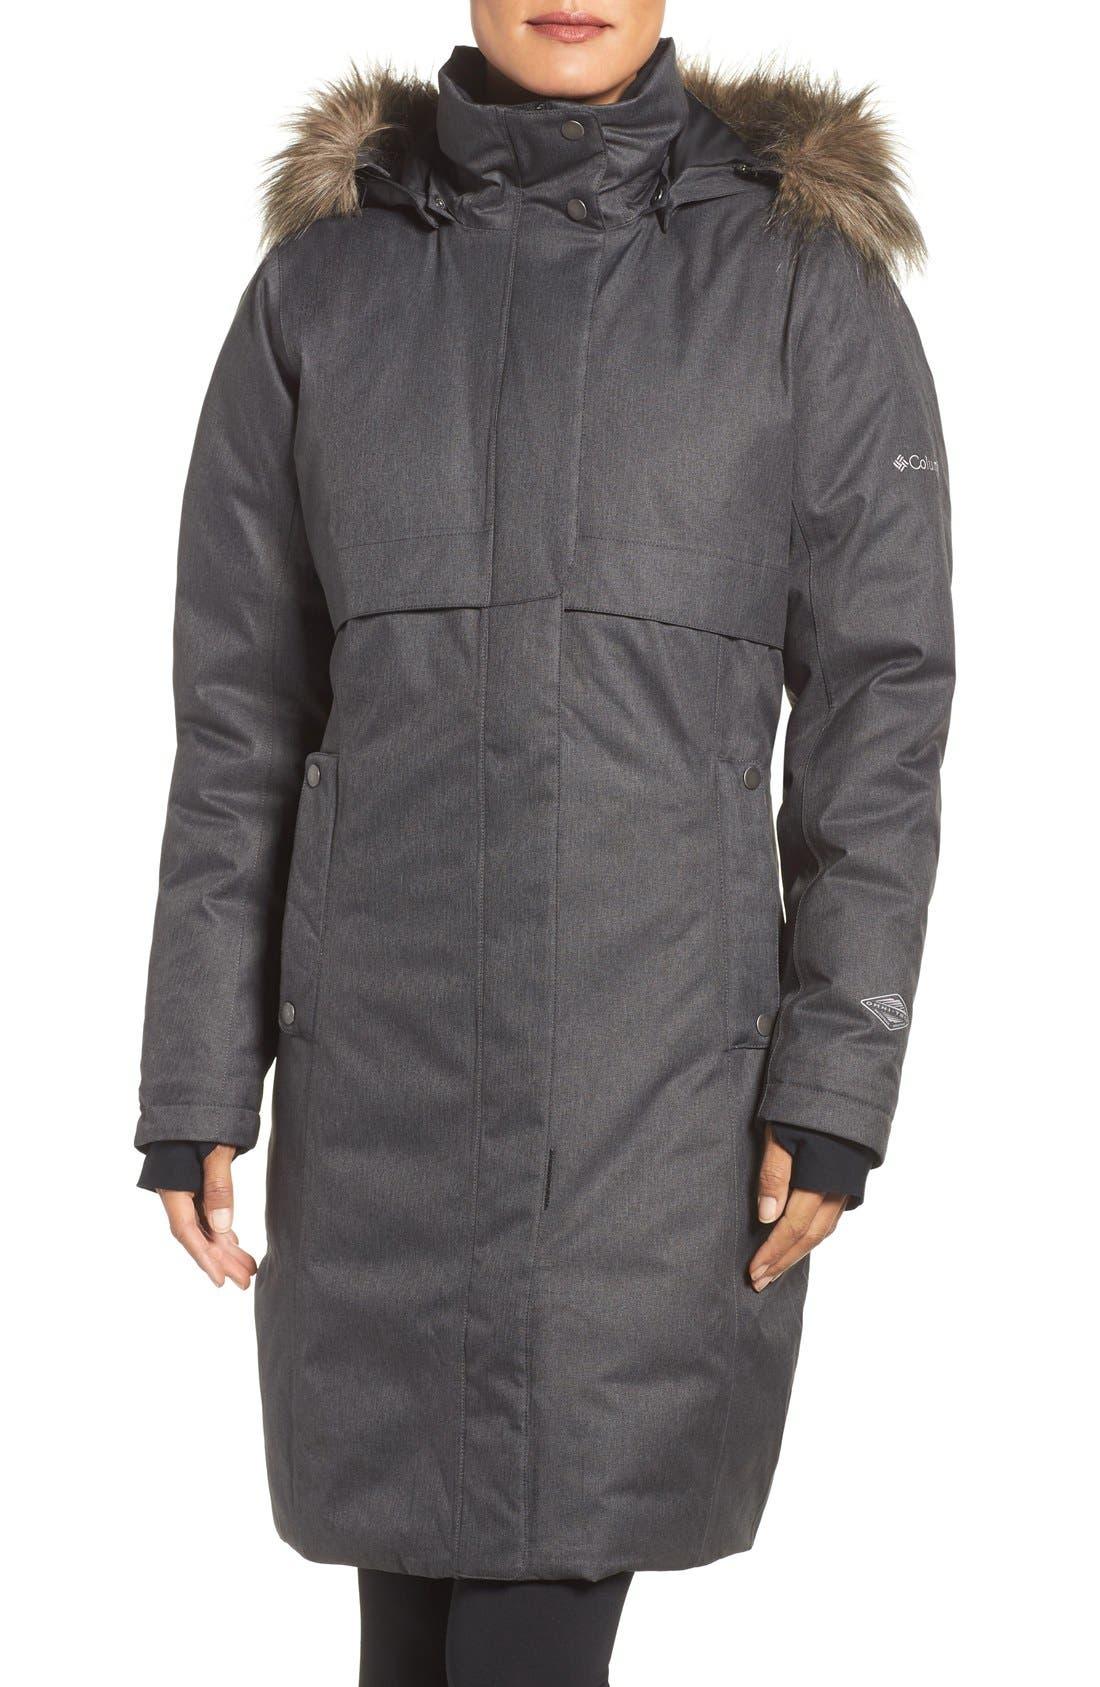 Apres Arson<sup>™</sup> Down Jacket with Faux Fur Trim, Main, color, 010